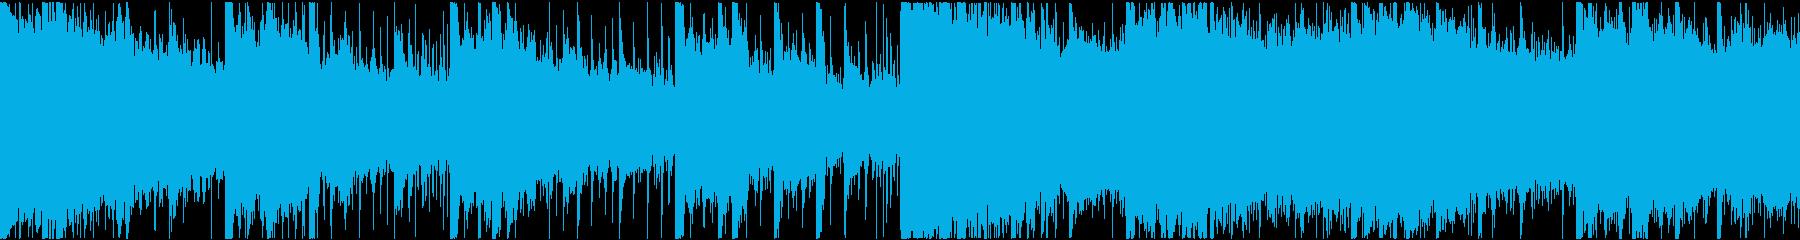 幻想的で穏やかなエレクトロR&Bショートの再生済みの波形